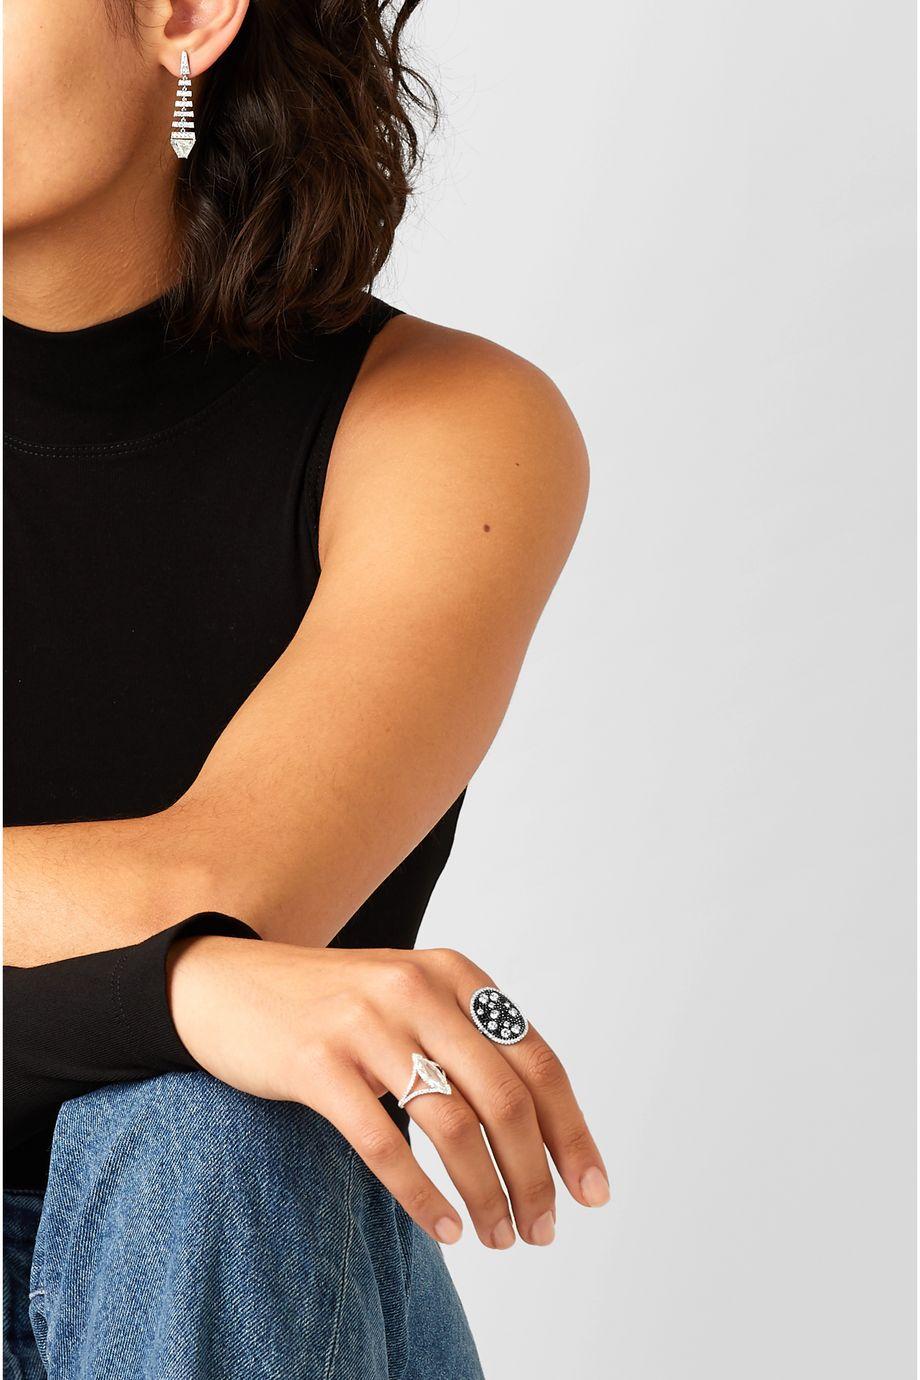 Martin Katz Starburst Ring aus 18 Karat Weißgold mit Diamanten